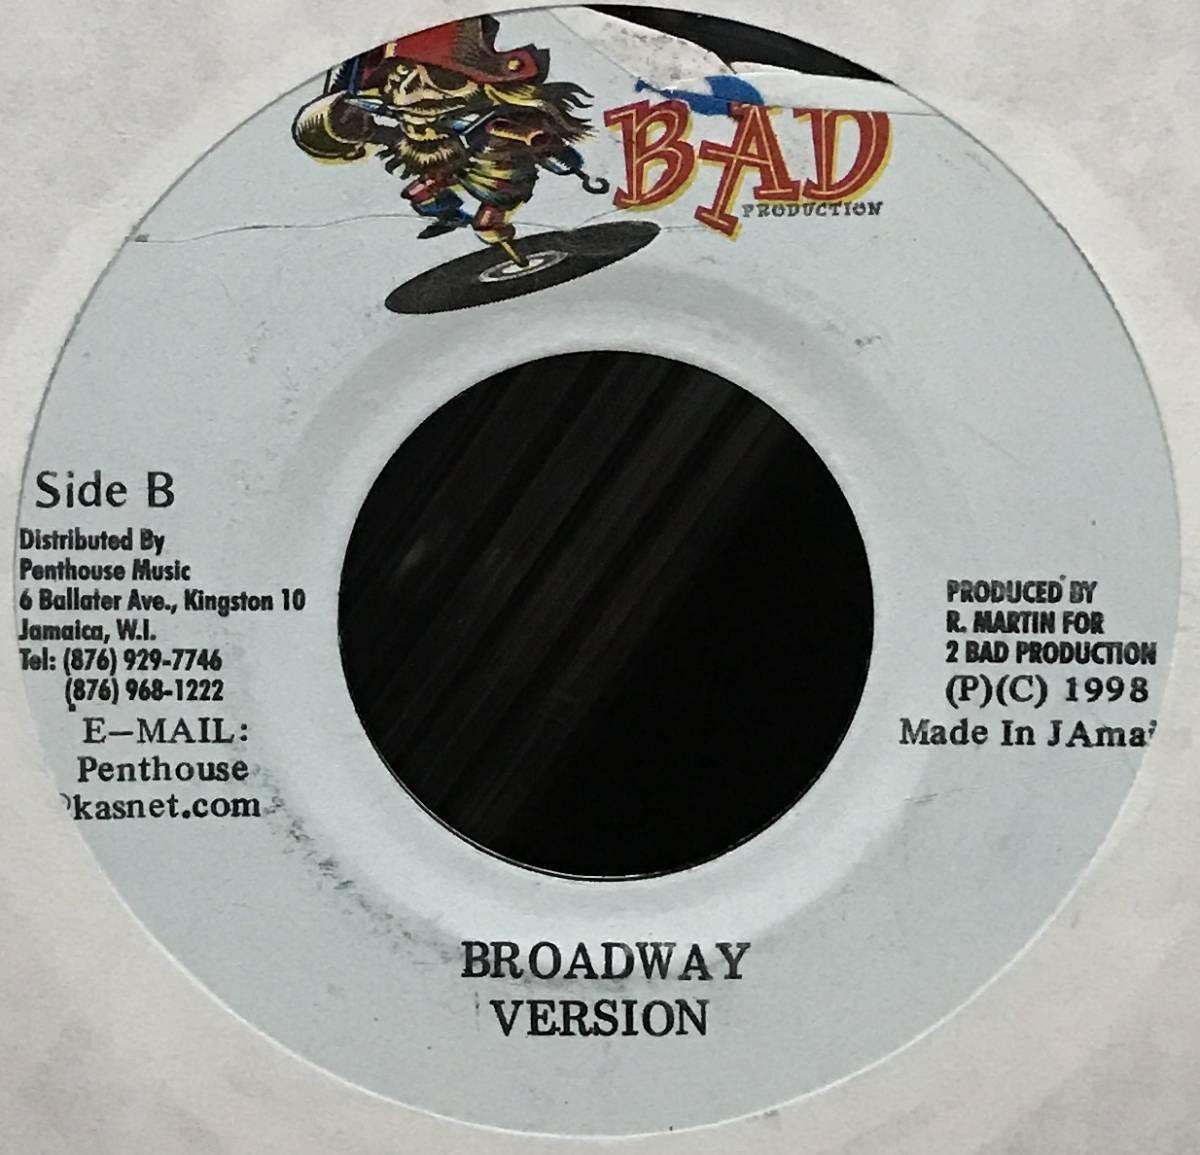 [EP] Mr. Chicken - Sneak Up (Reggae/Dancehall) ☆2 Bad Productions 7インチ/45 シングル レゲエ ダンスホール レコード Vinyl_画像2